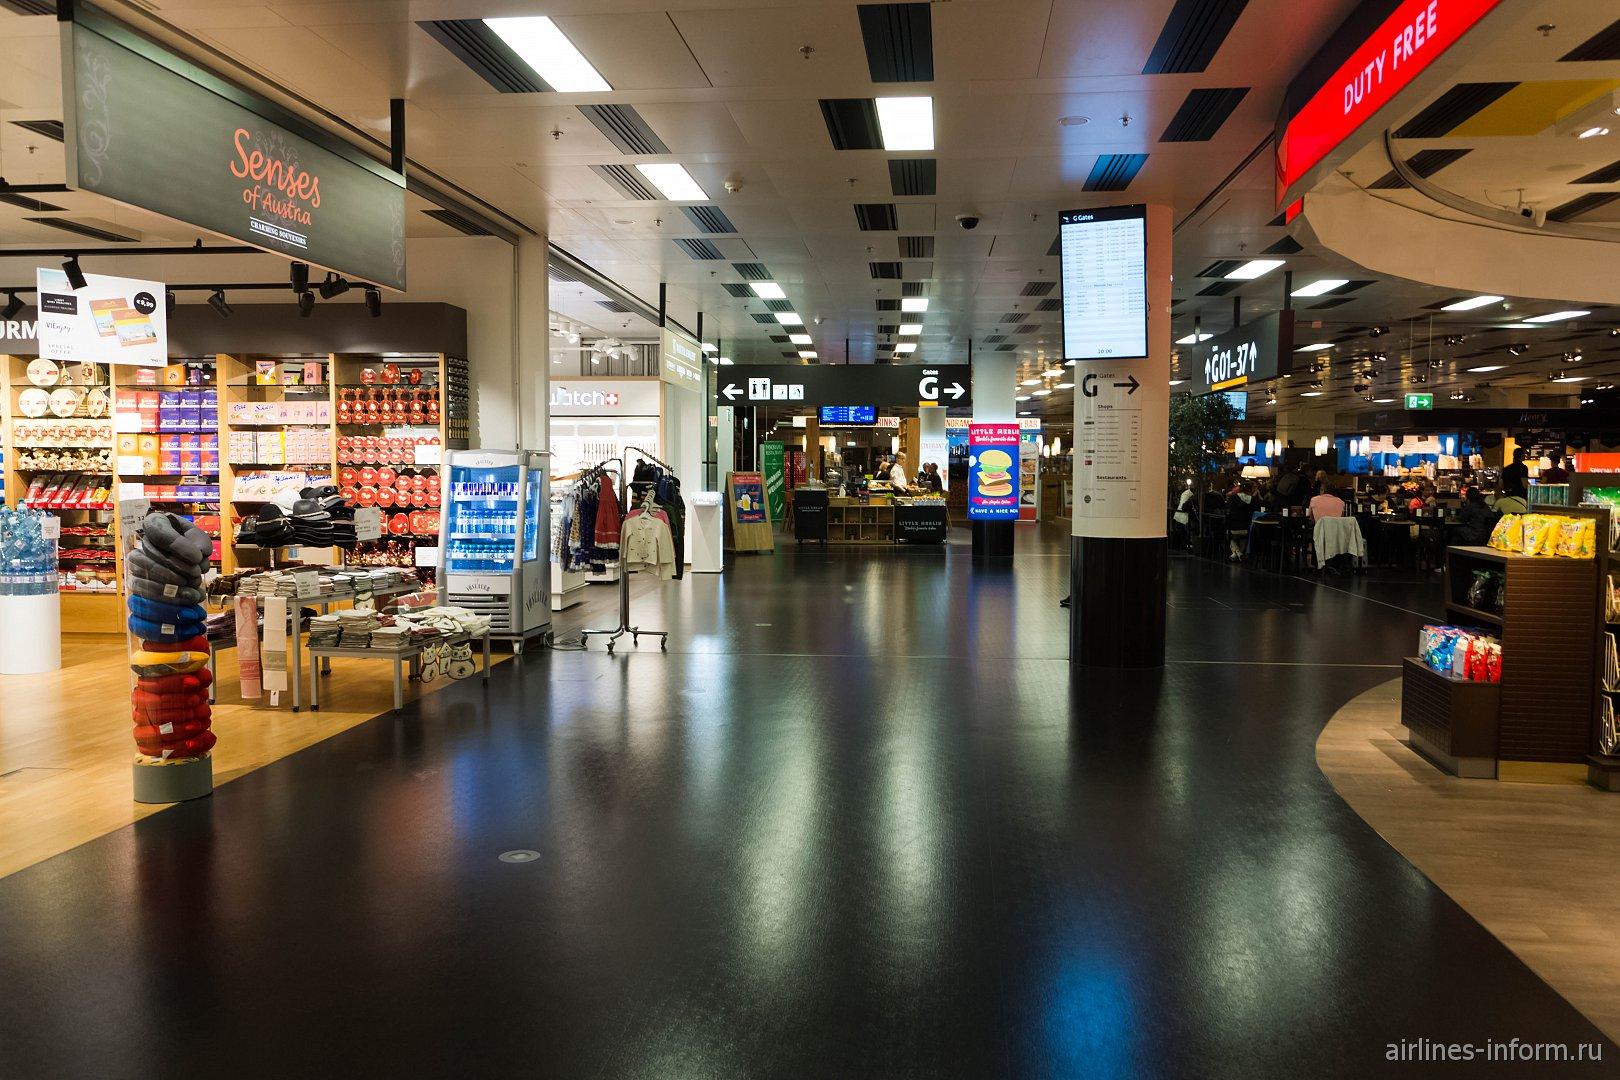 Магазины в терминале 3 аэропорта Вена Швехат